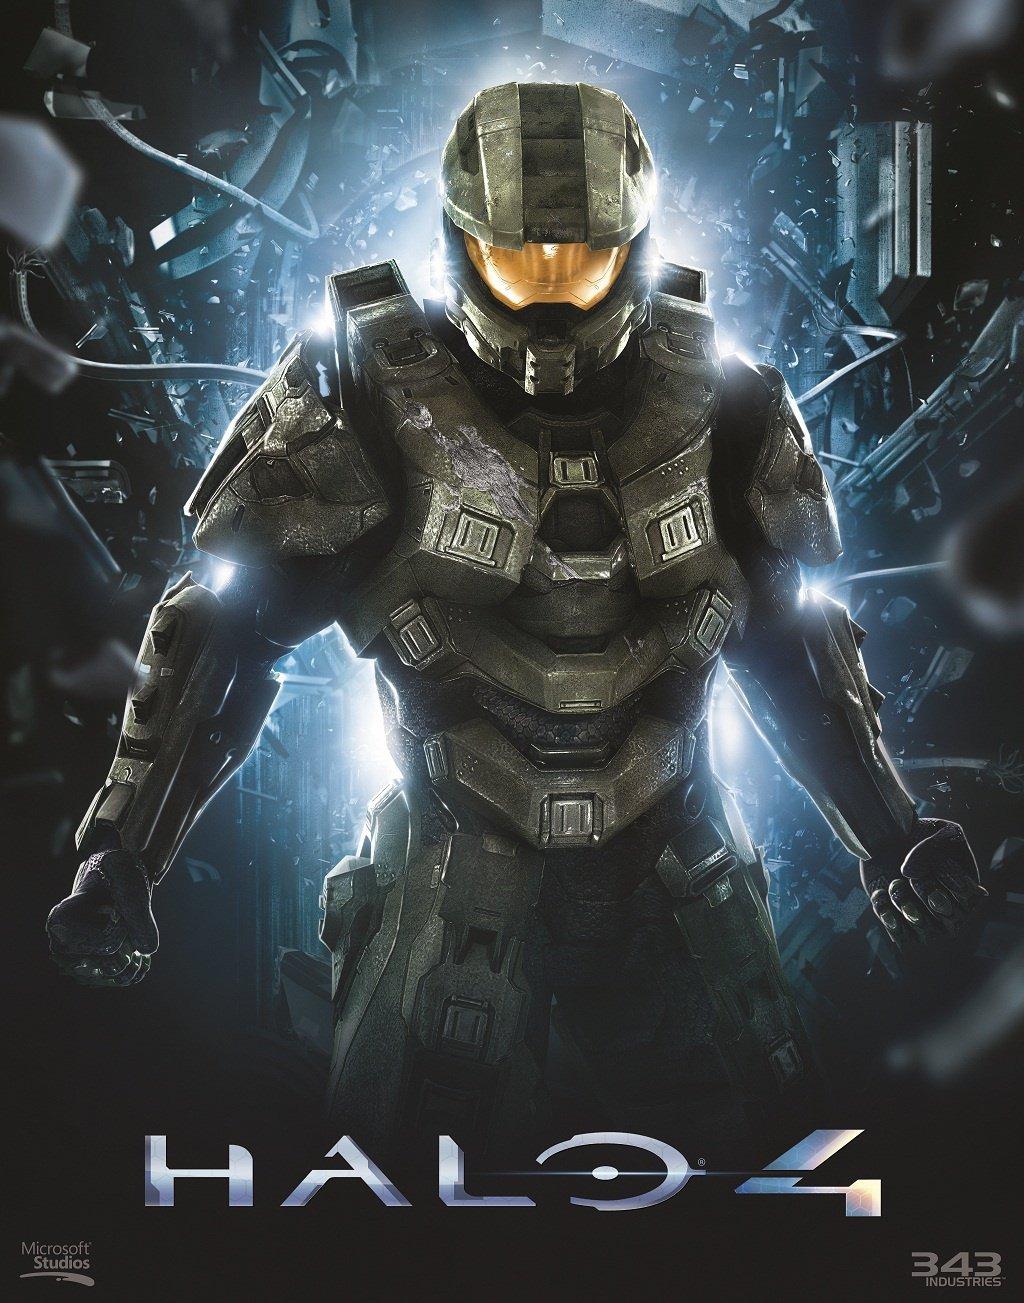 Halo4 360 Visuel 001